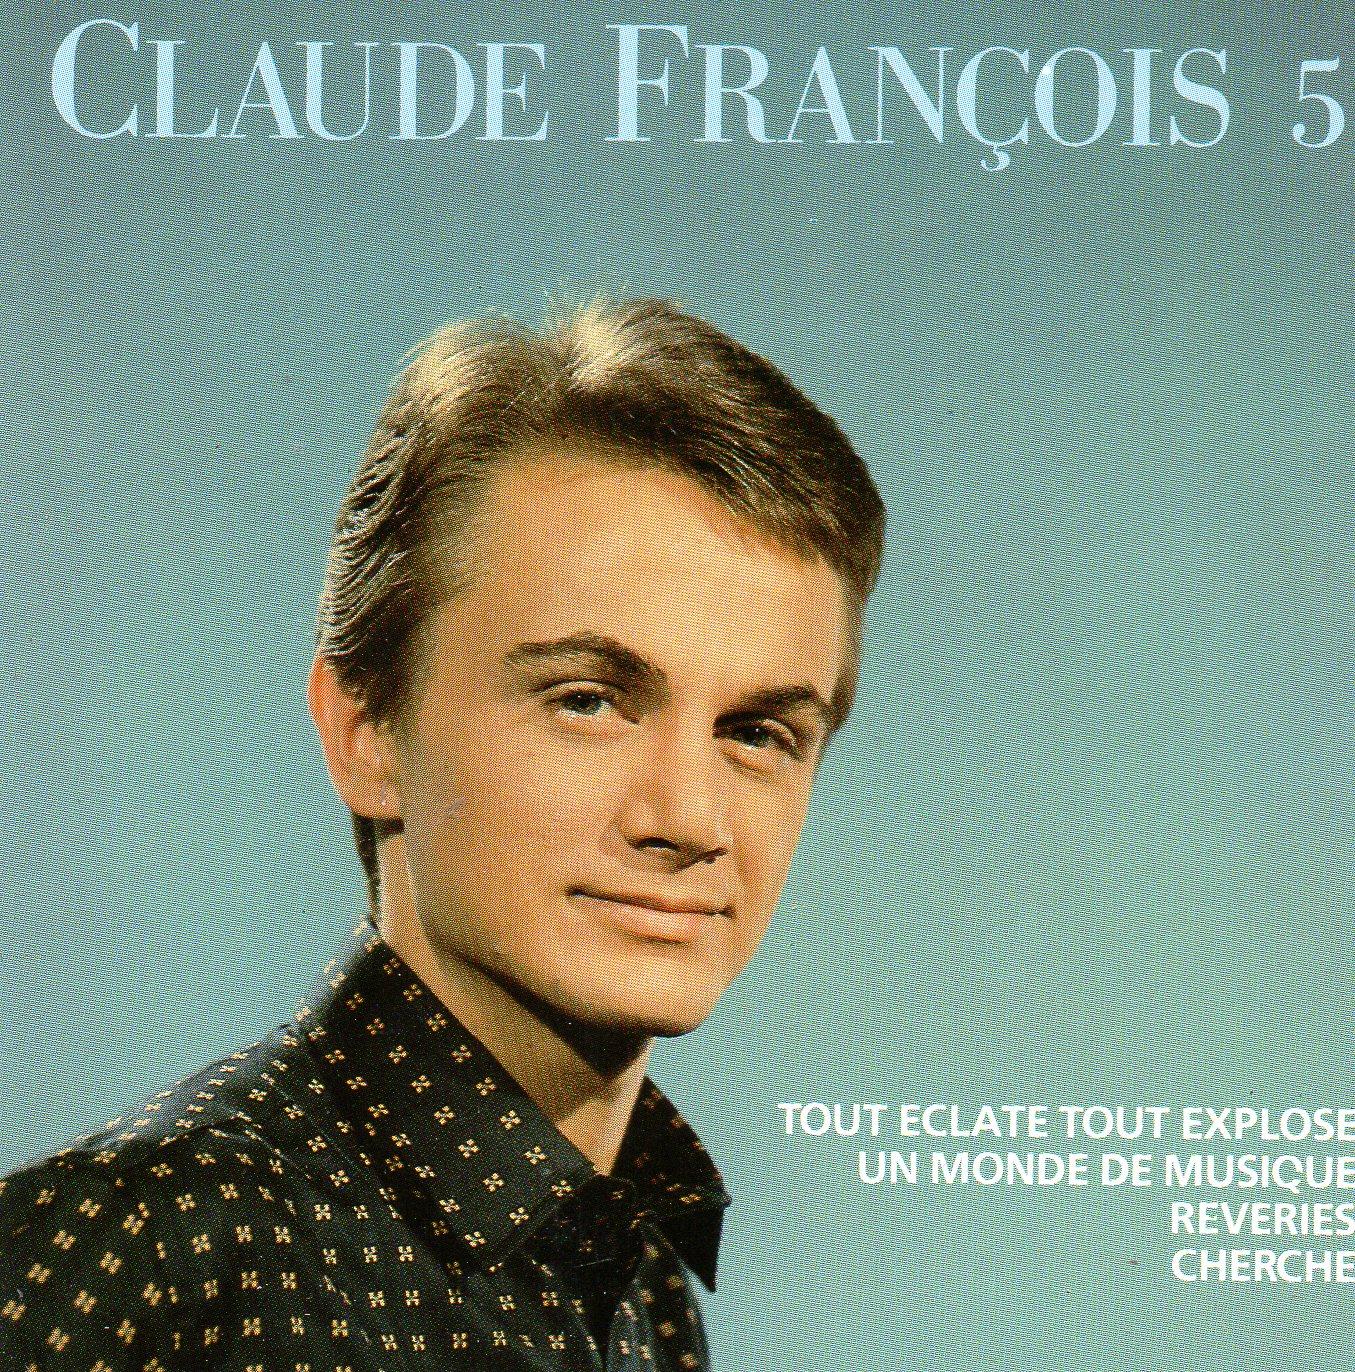 CLAUDE FRANÇOIS - Vol 5 - Tout éclate tout explose - CD